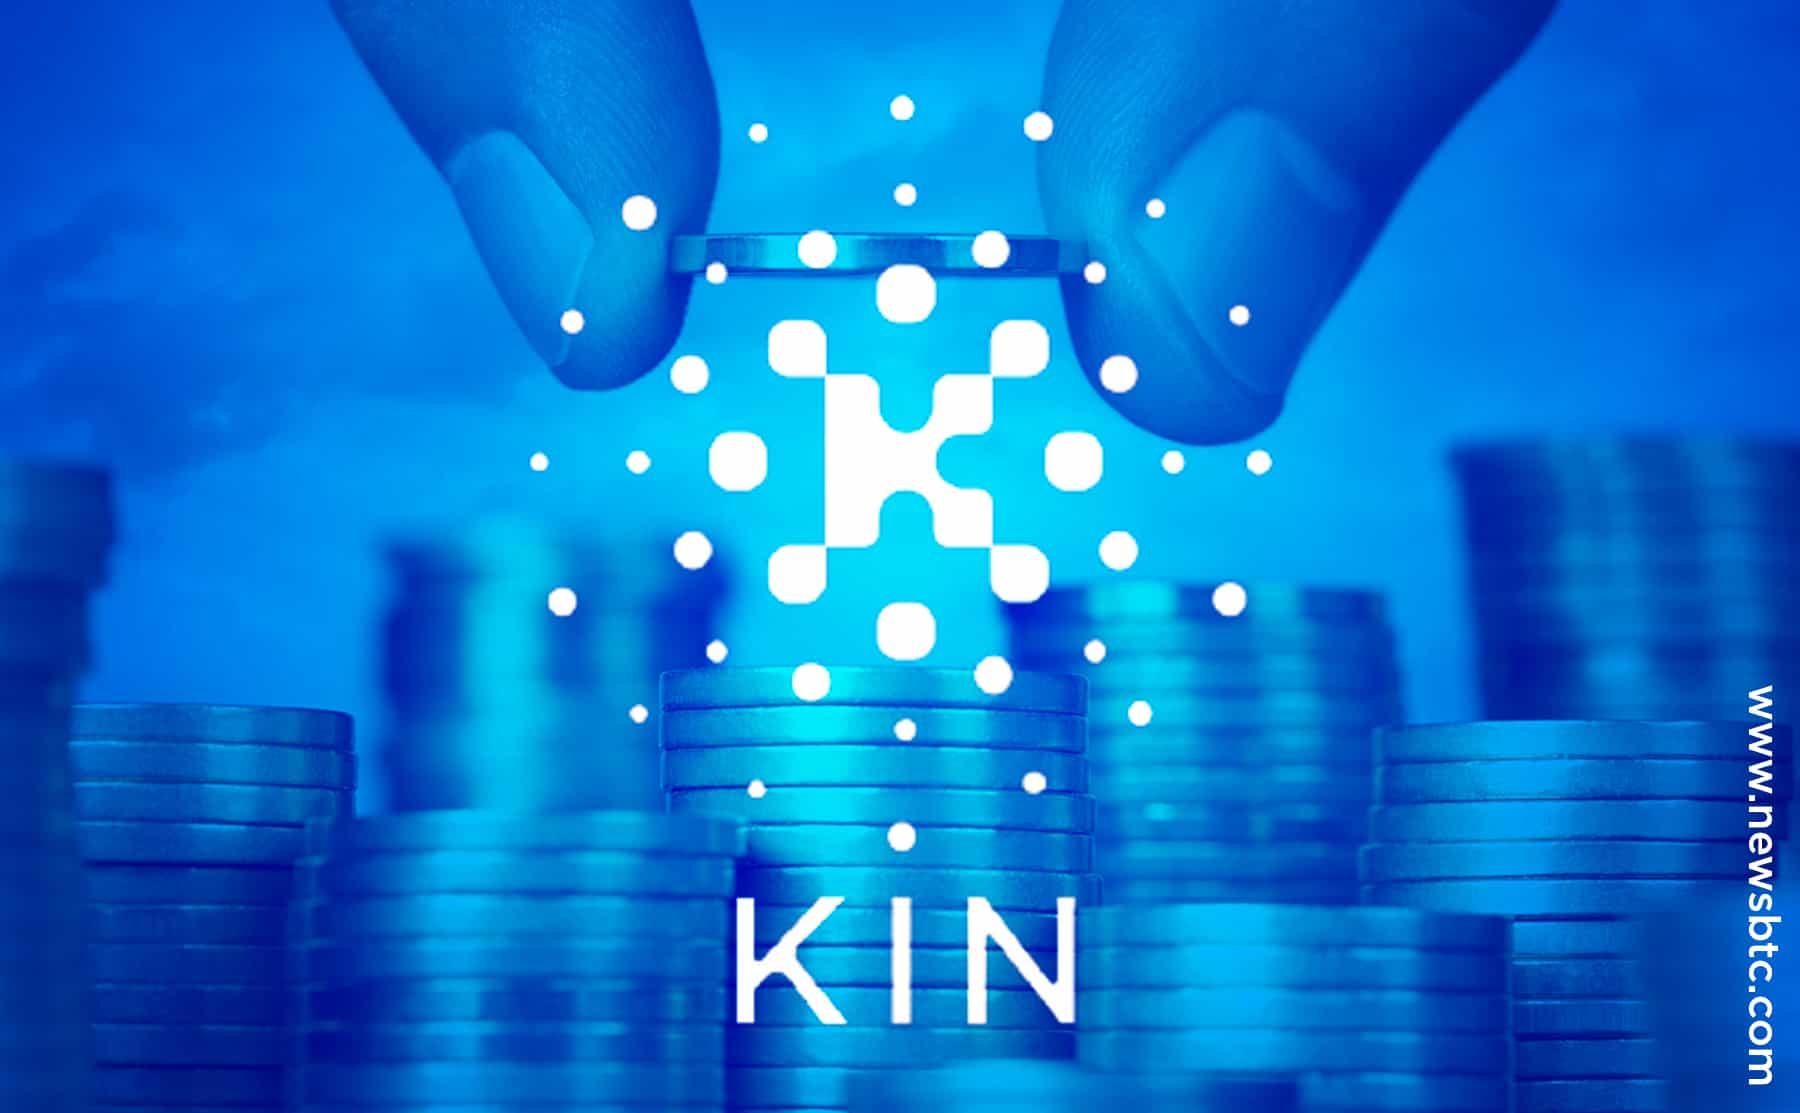 kin-kik-cryptocurrency